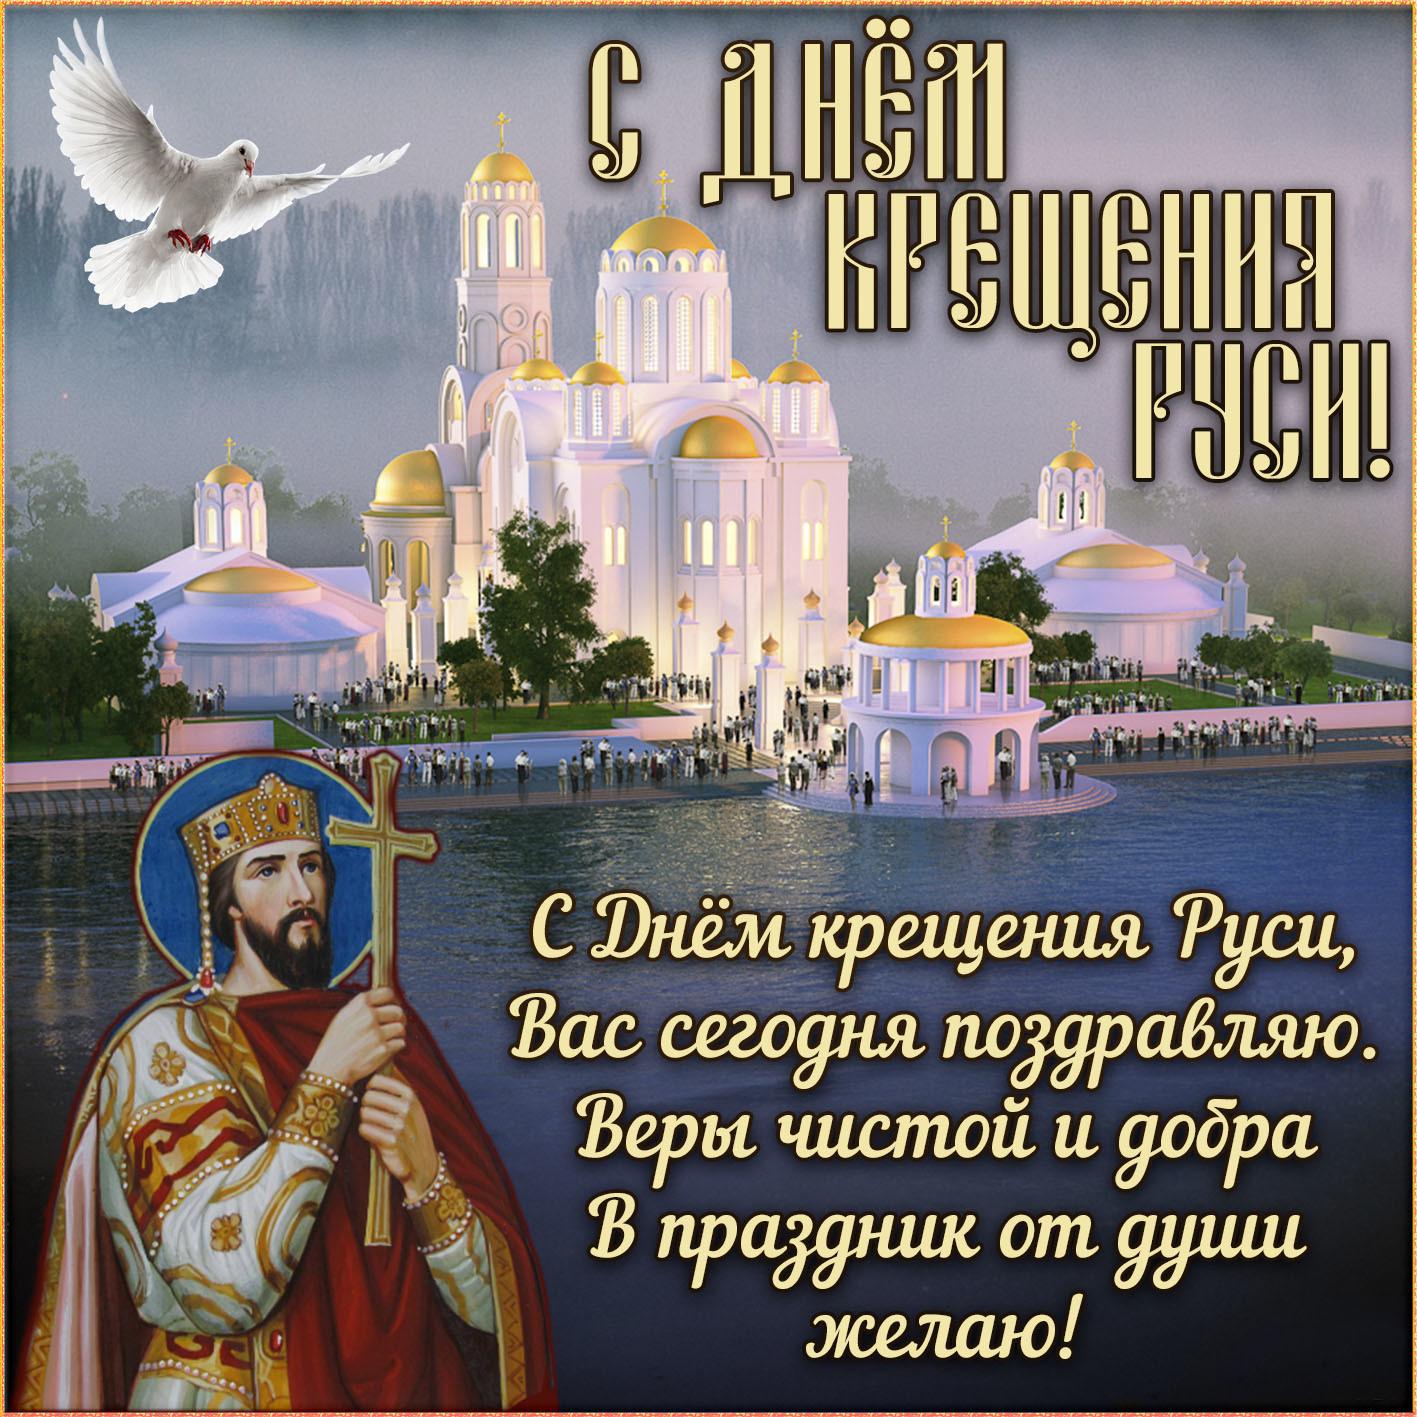 Картинки анимация с крещением руси, открыток народный костюм